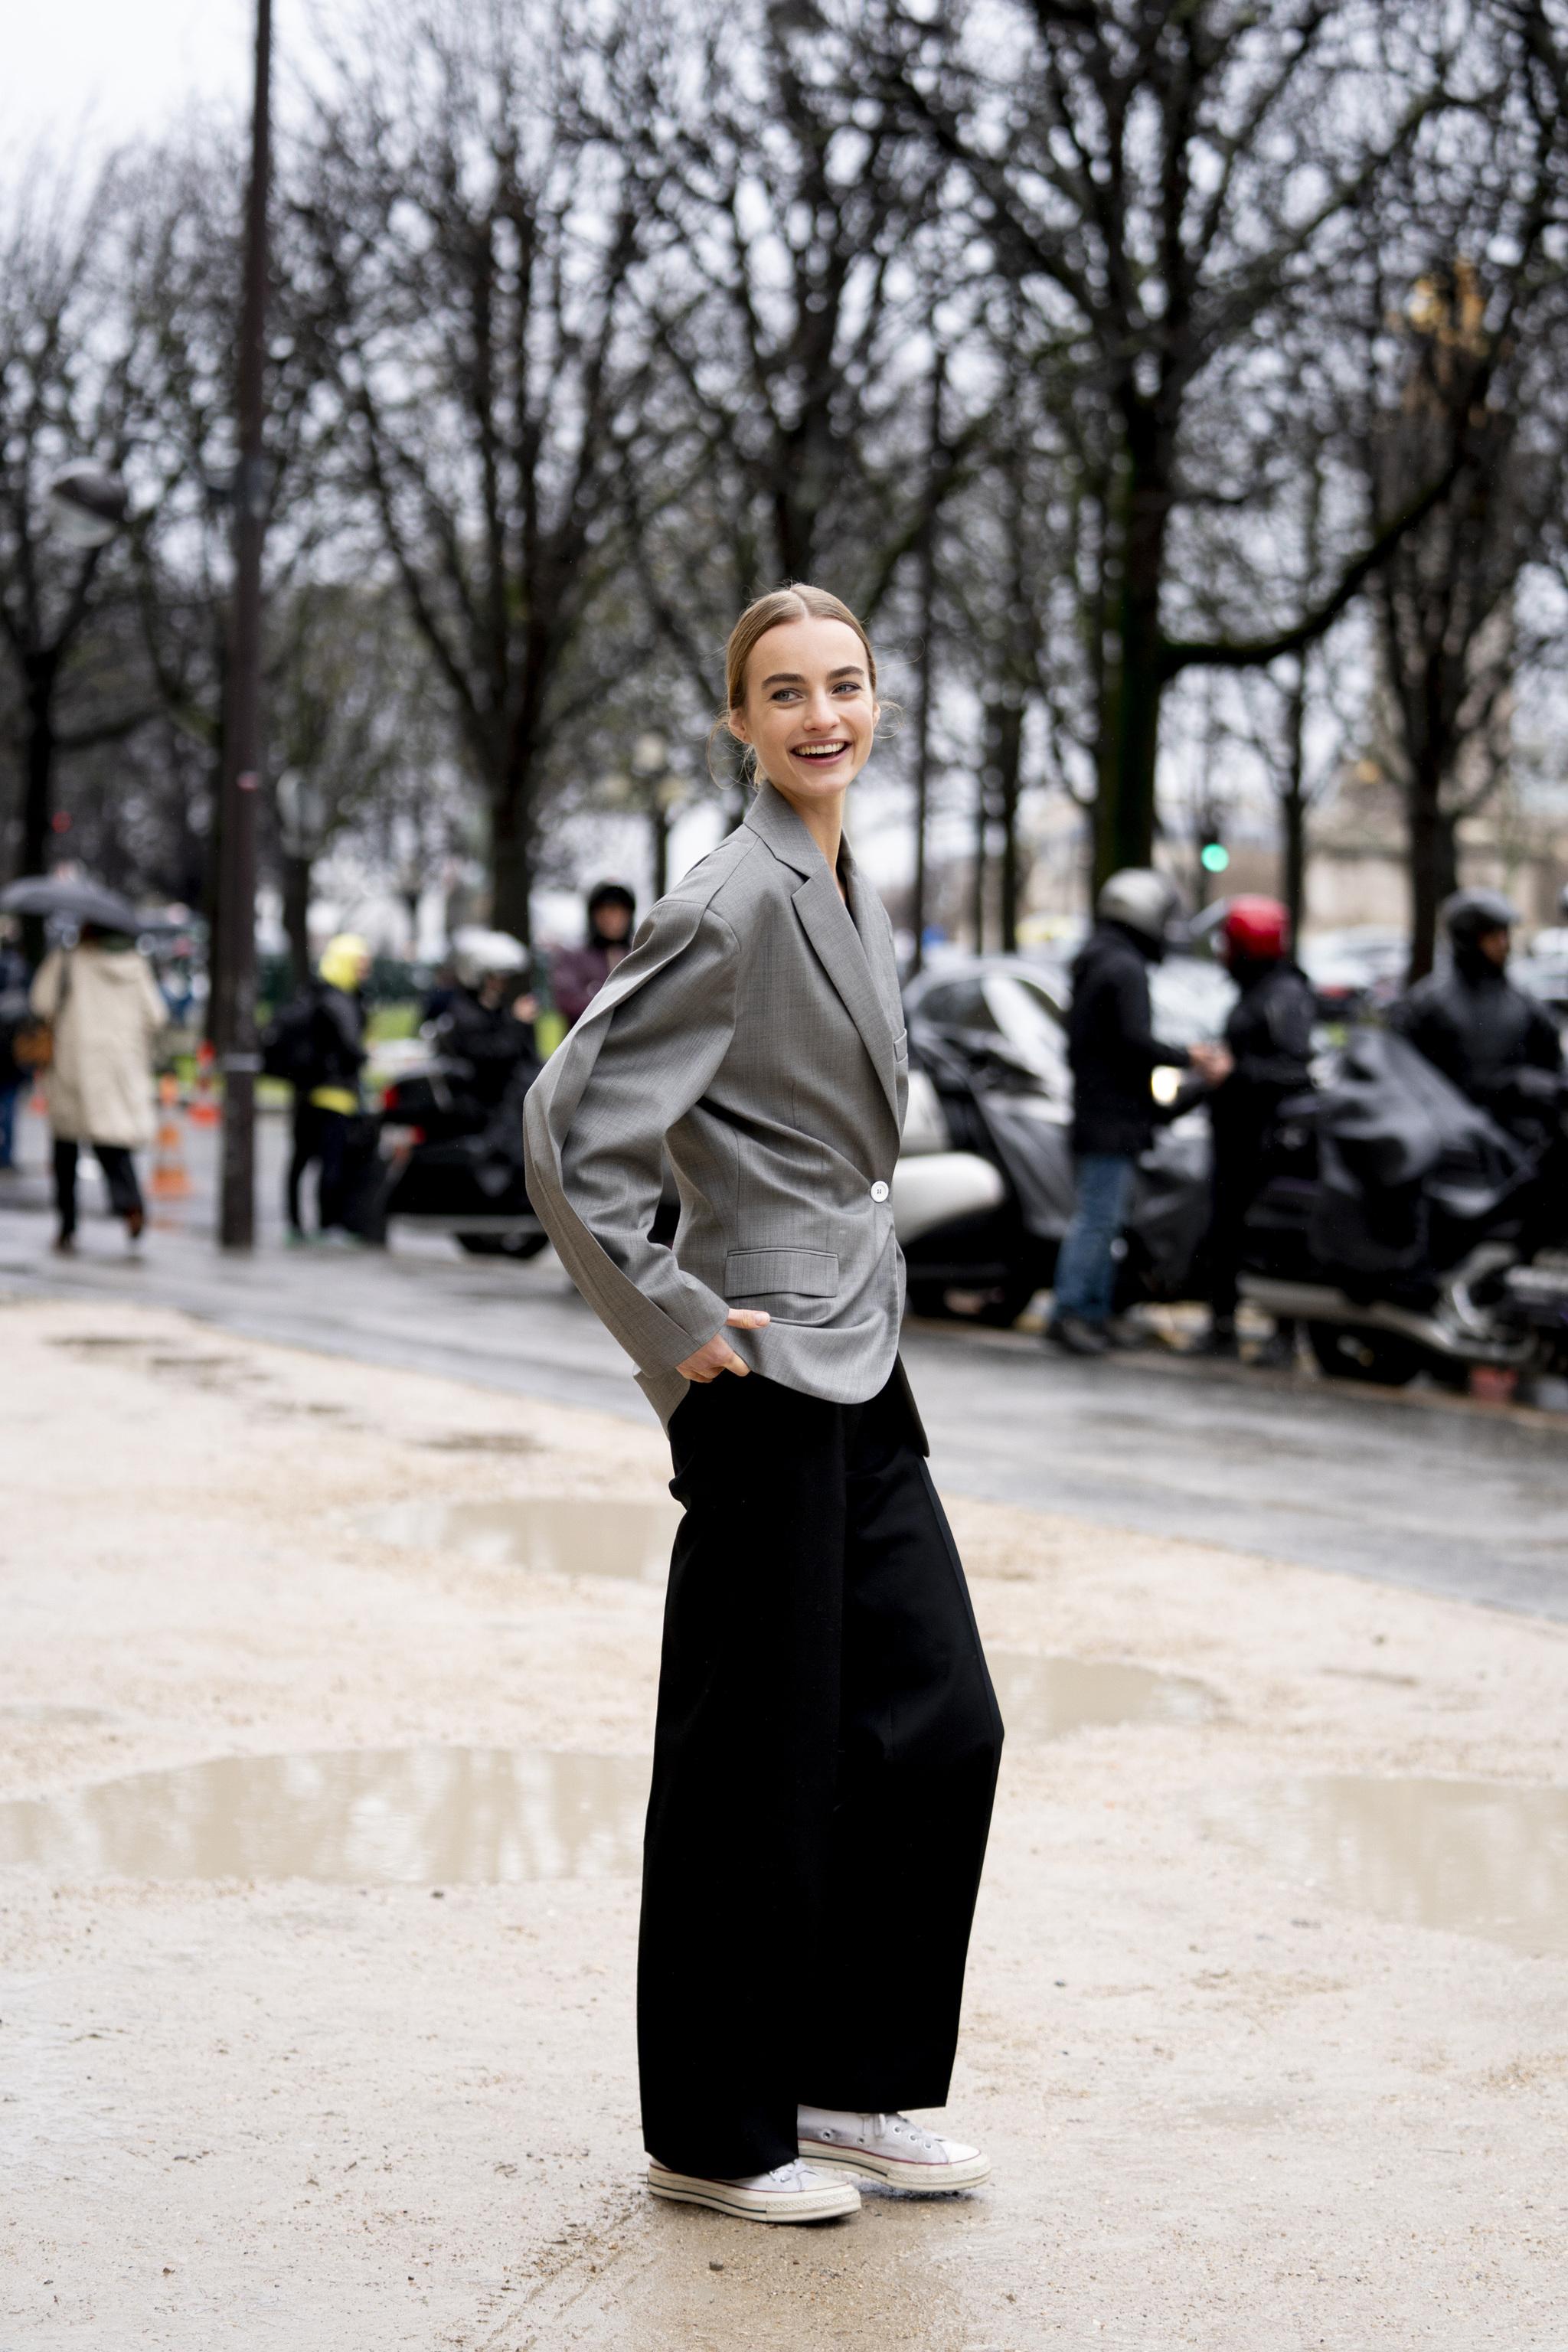 Ligereza de movimiento pantalón y compostura en chaqueta, una fórmula vista durante la última semana de la moda de París